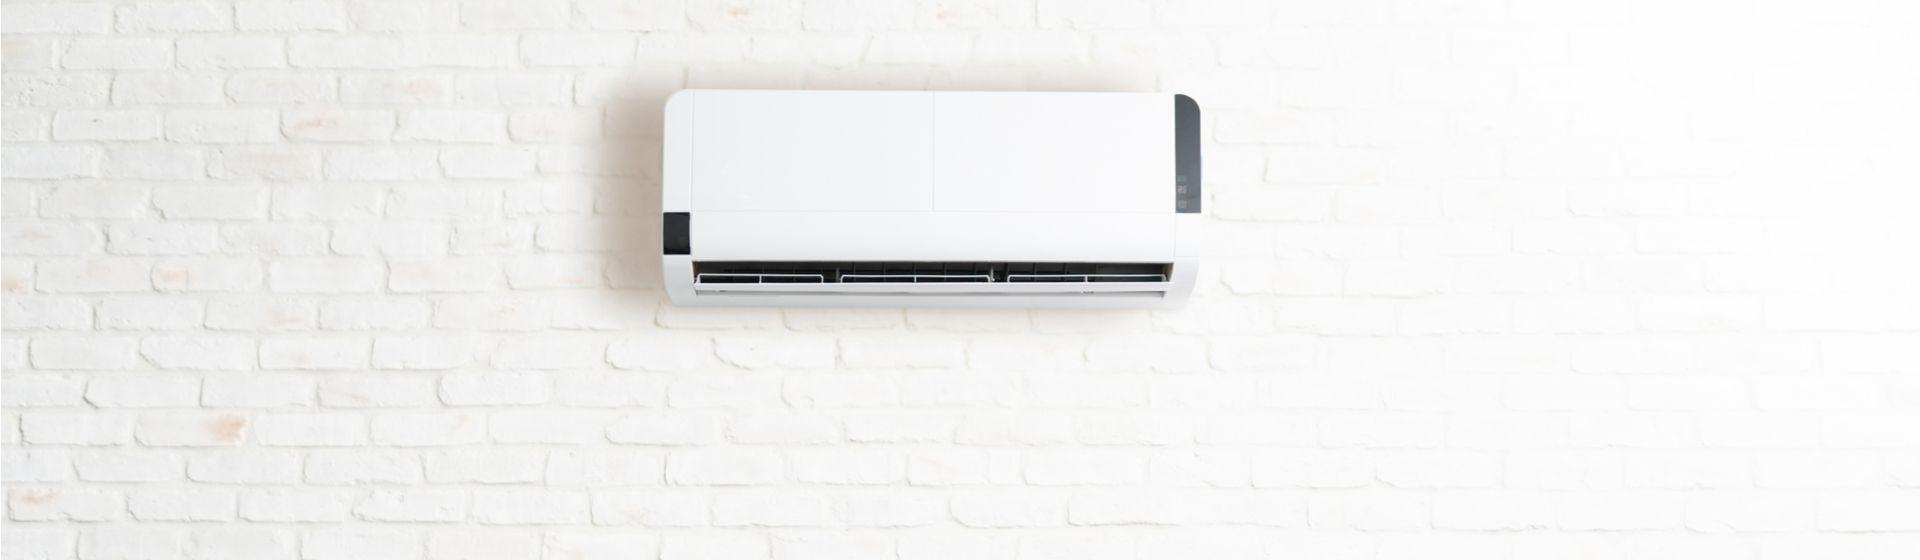 Veja os aparelhos de ar-condicionado mais vendidos do momento